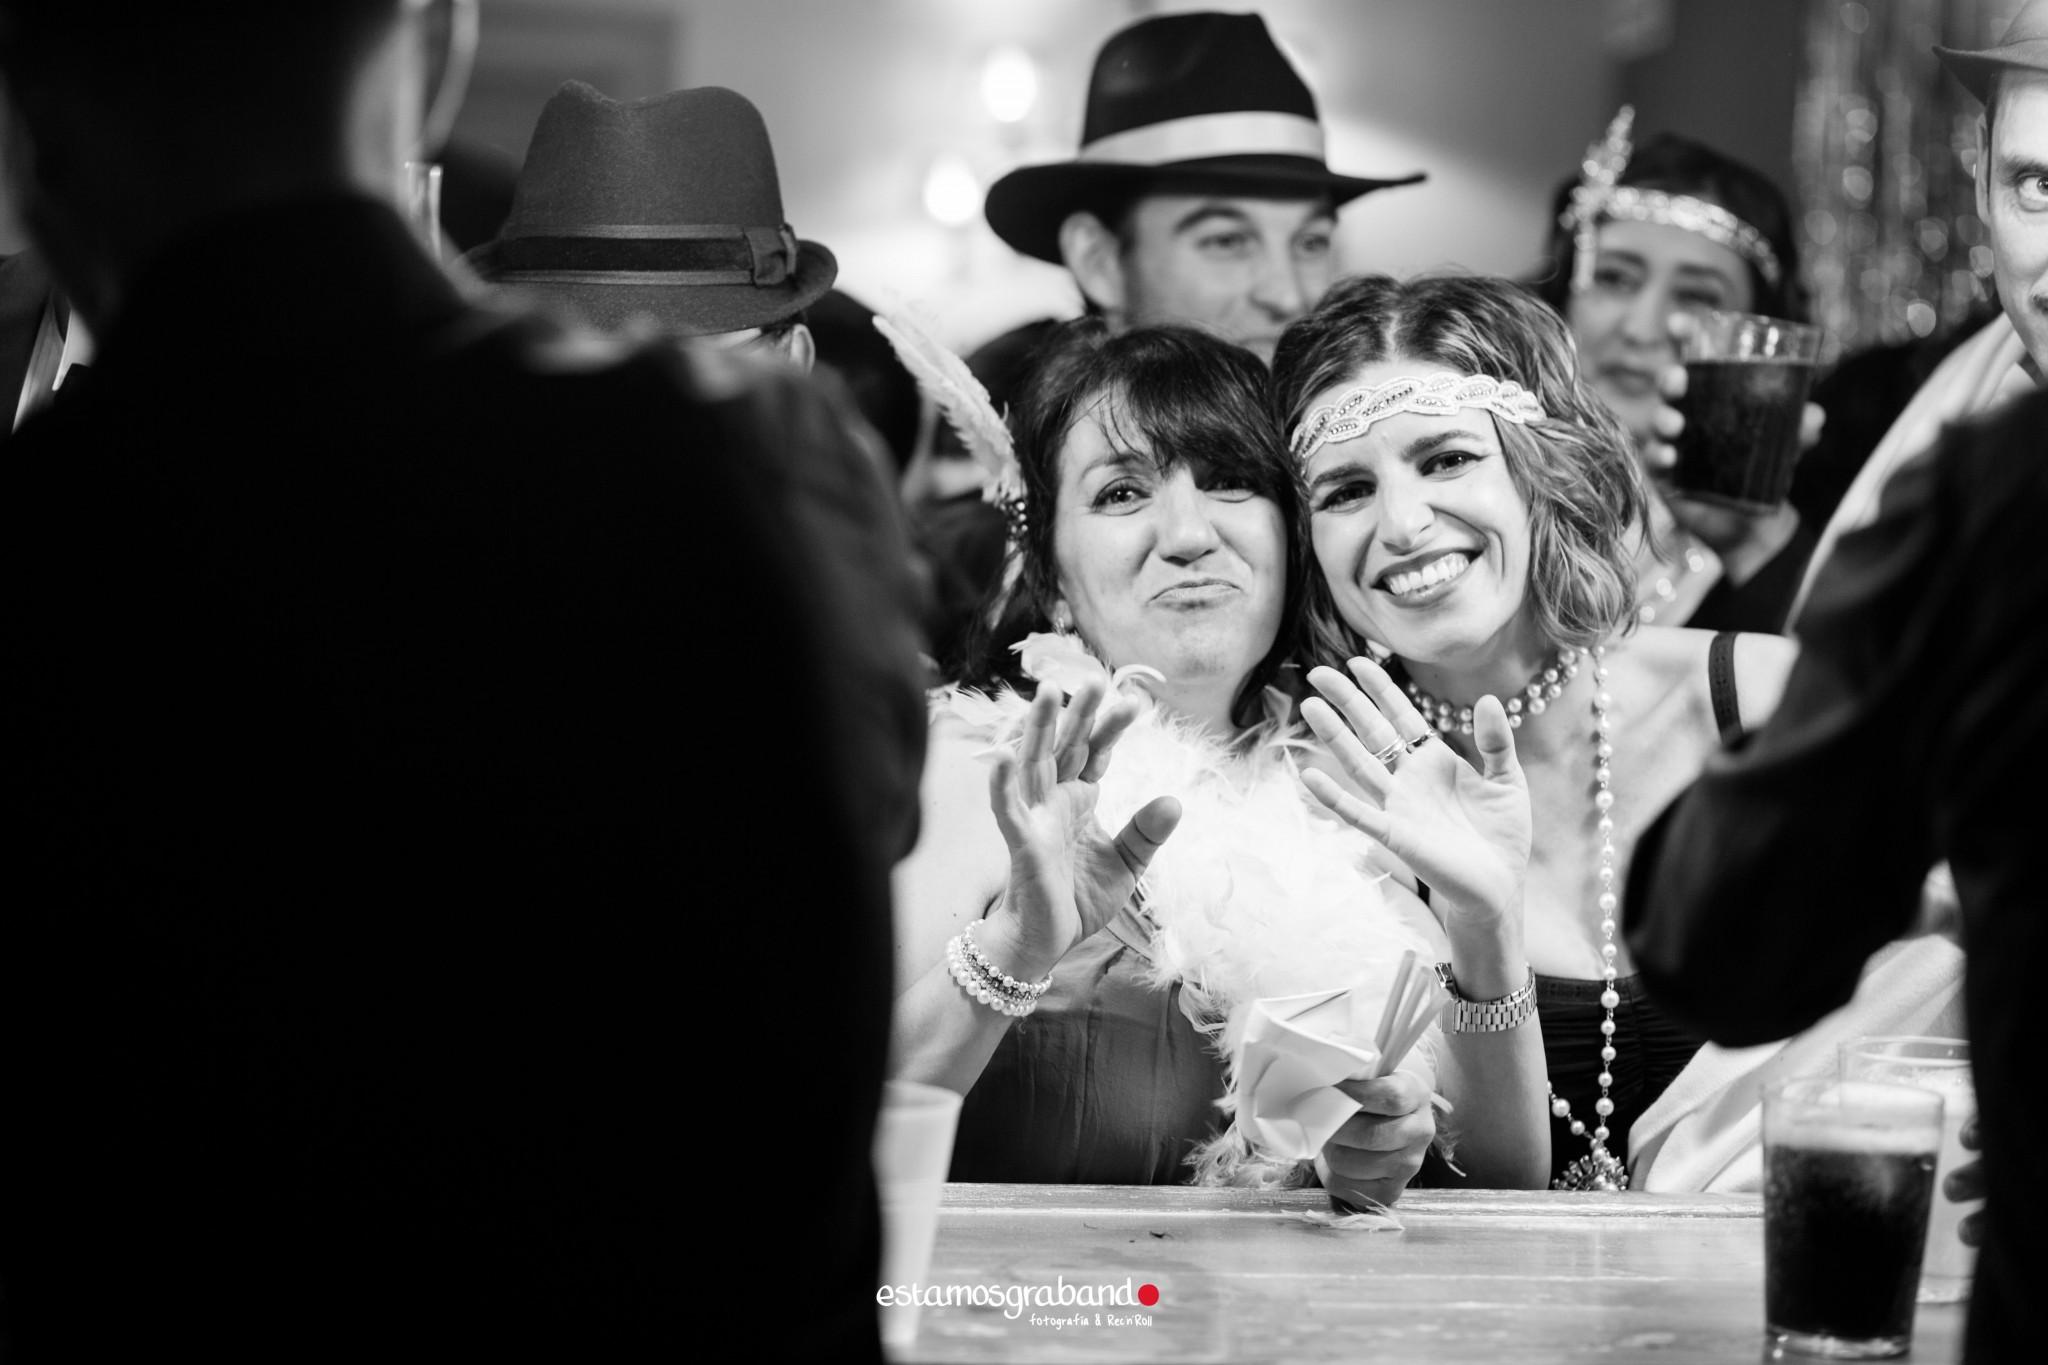 Años-20-BBTP-59-de-109 Los locos Años 20 [Fotografía en La Teta de Julieta, Cádiz] - video boda cadiz